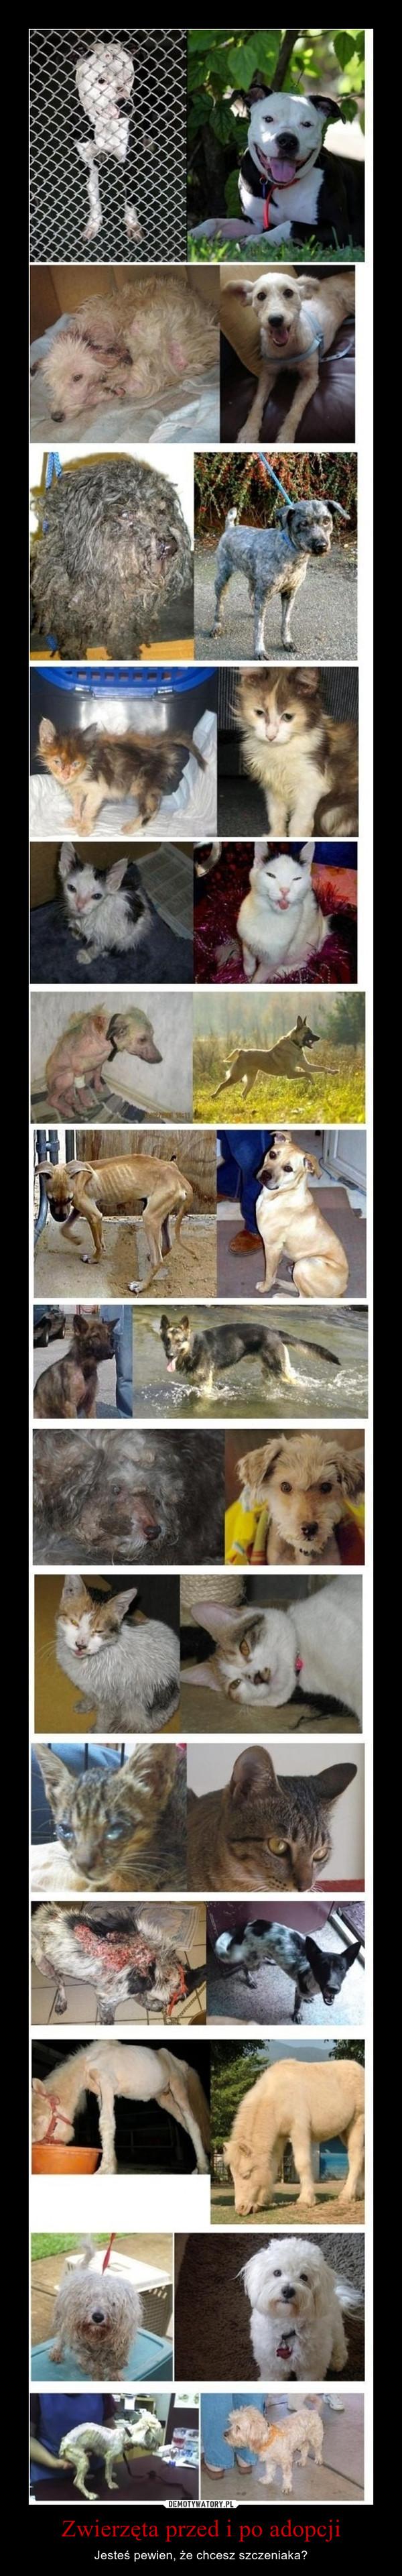 Zwierzęta przed i po adopcji – Jesteś pewien, że chcesz szczeniaka?